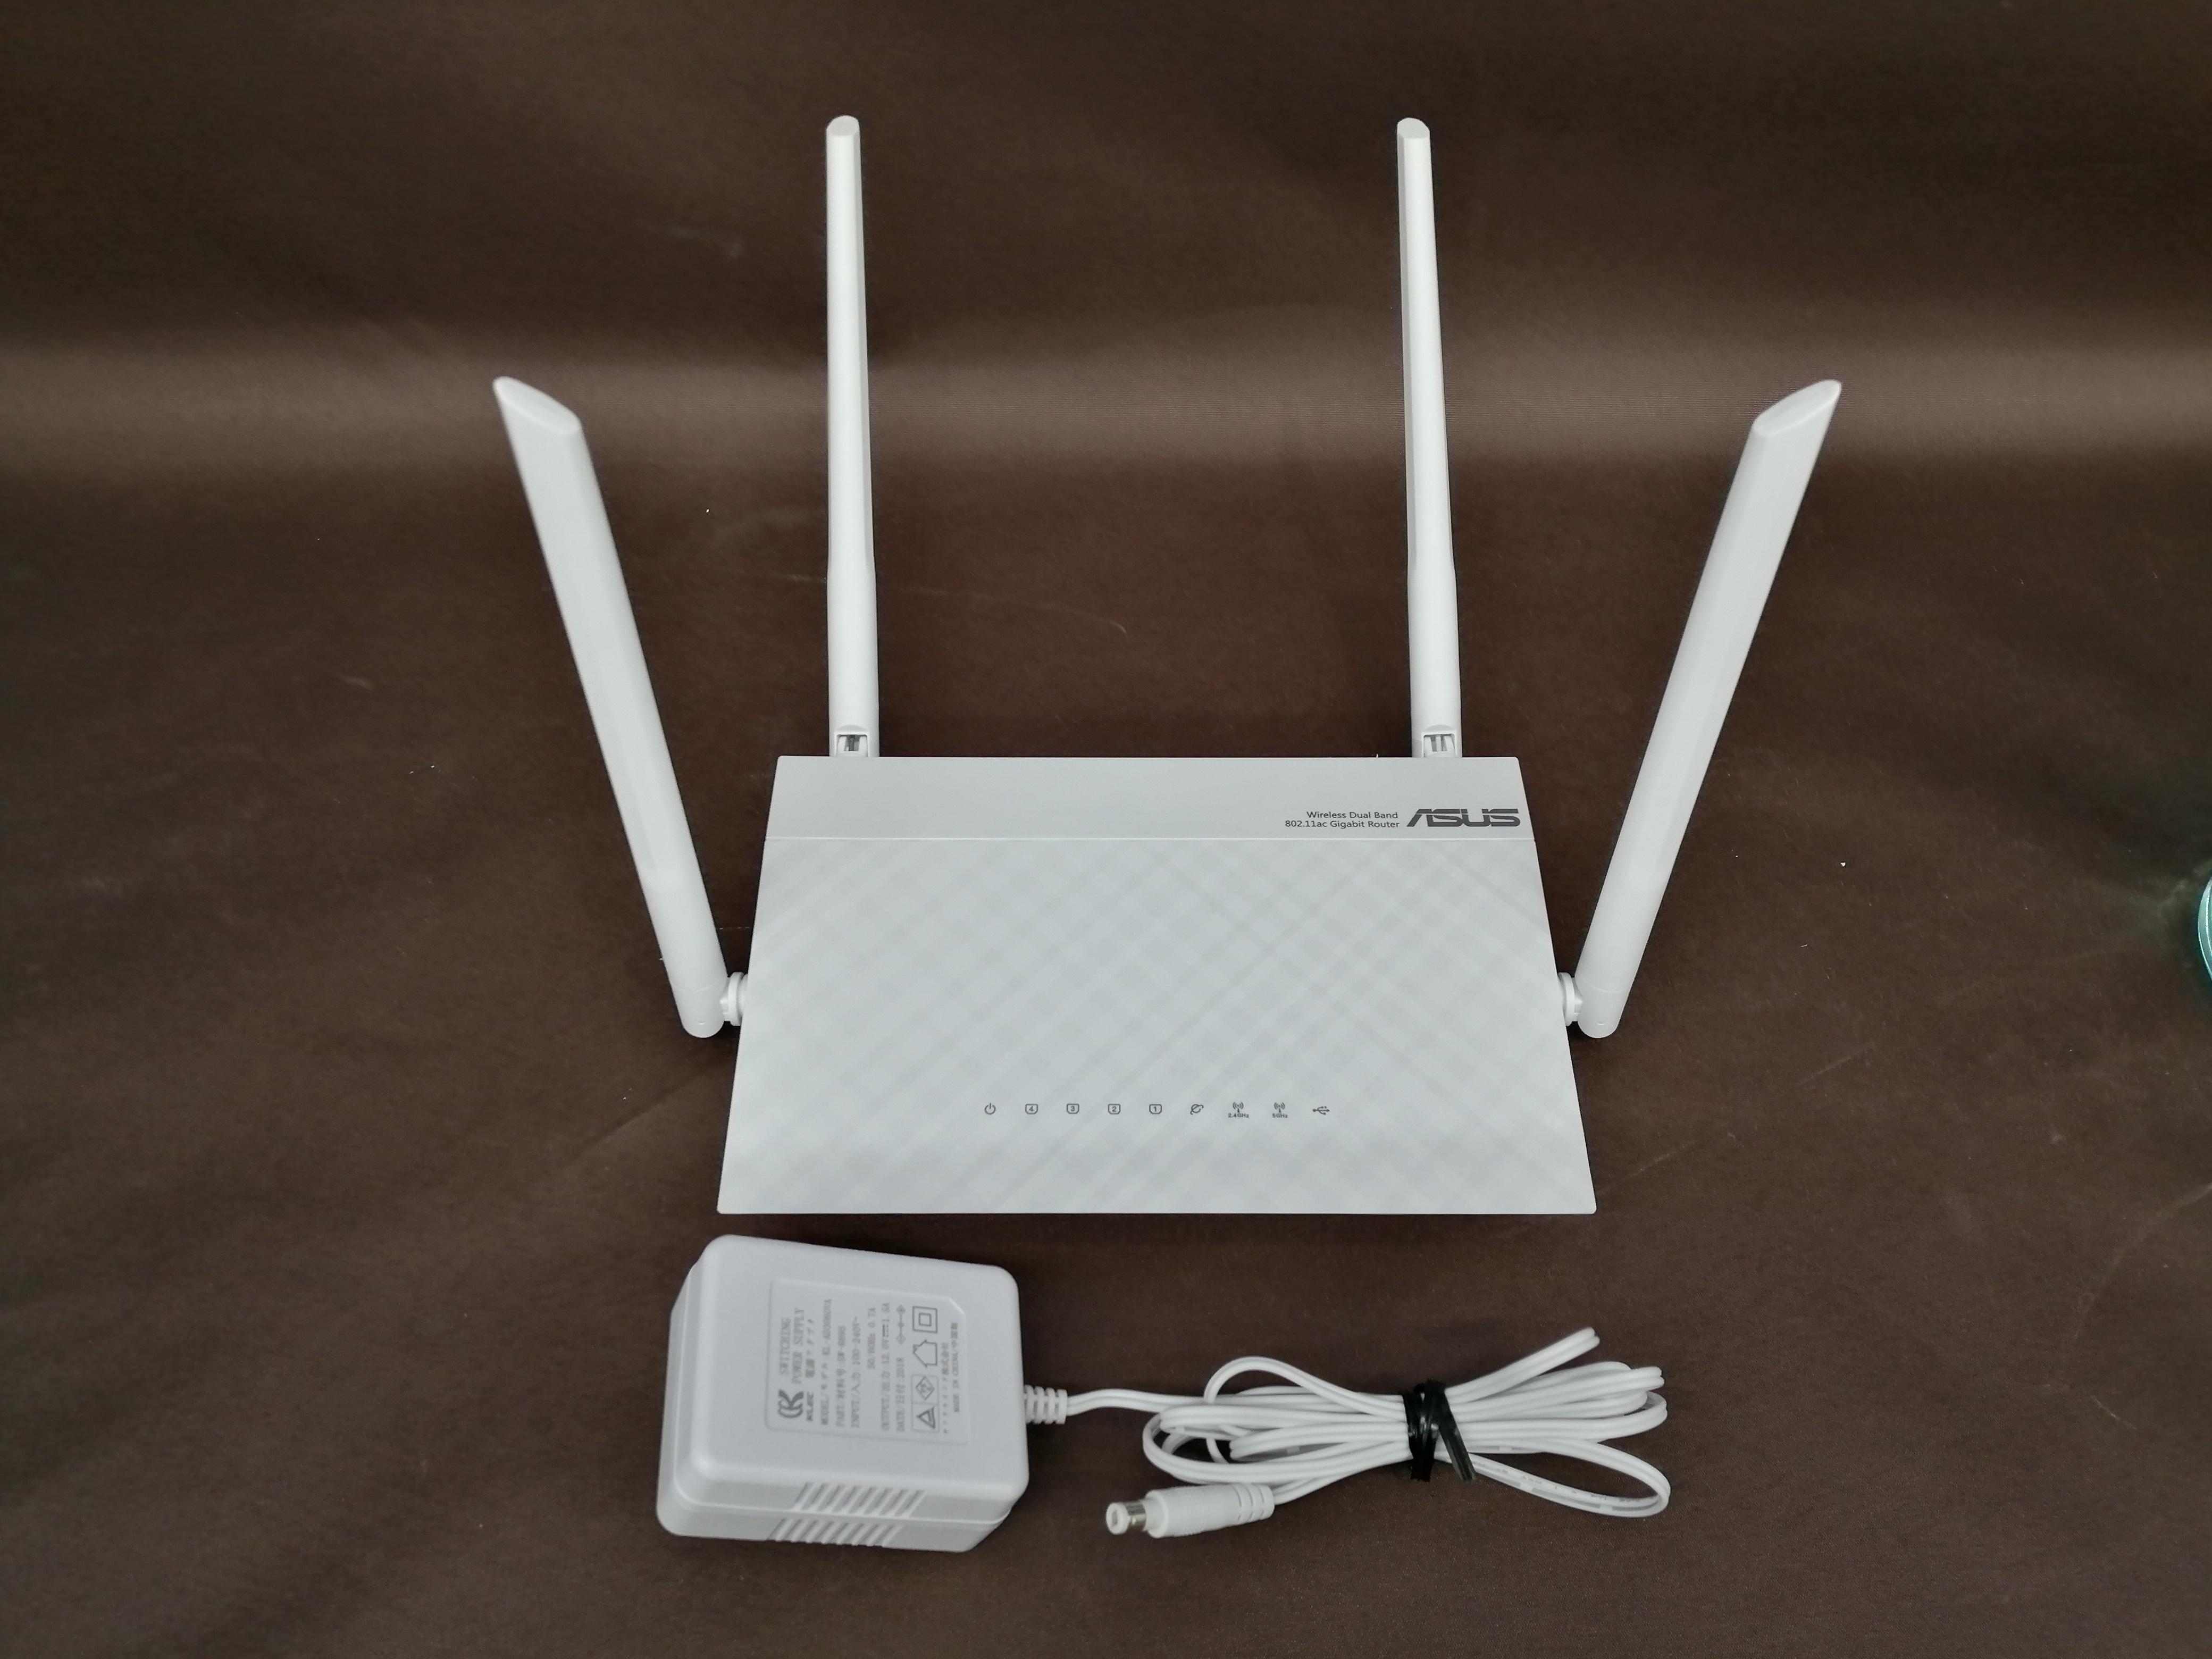 デュアルバンドWI-FI無線ルーター|ASUS